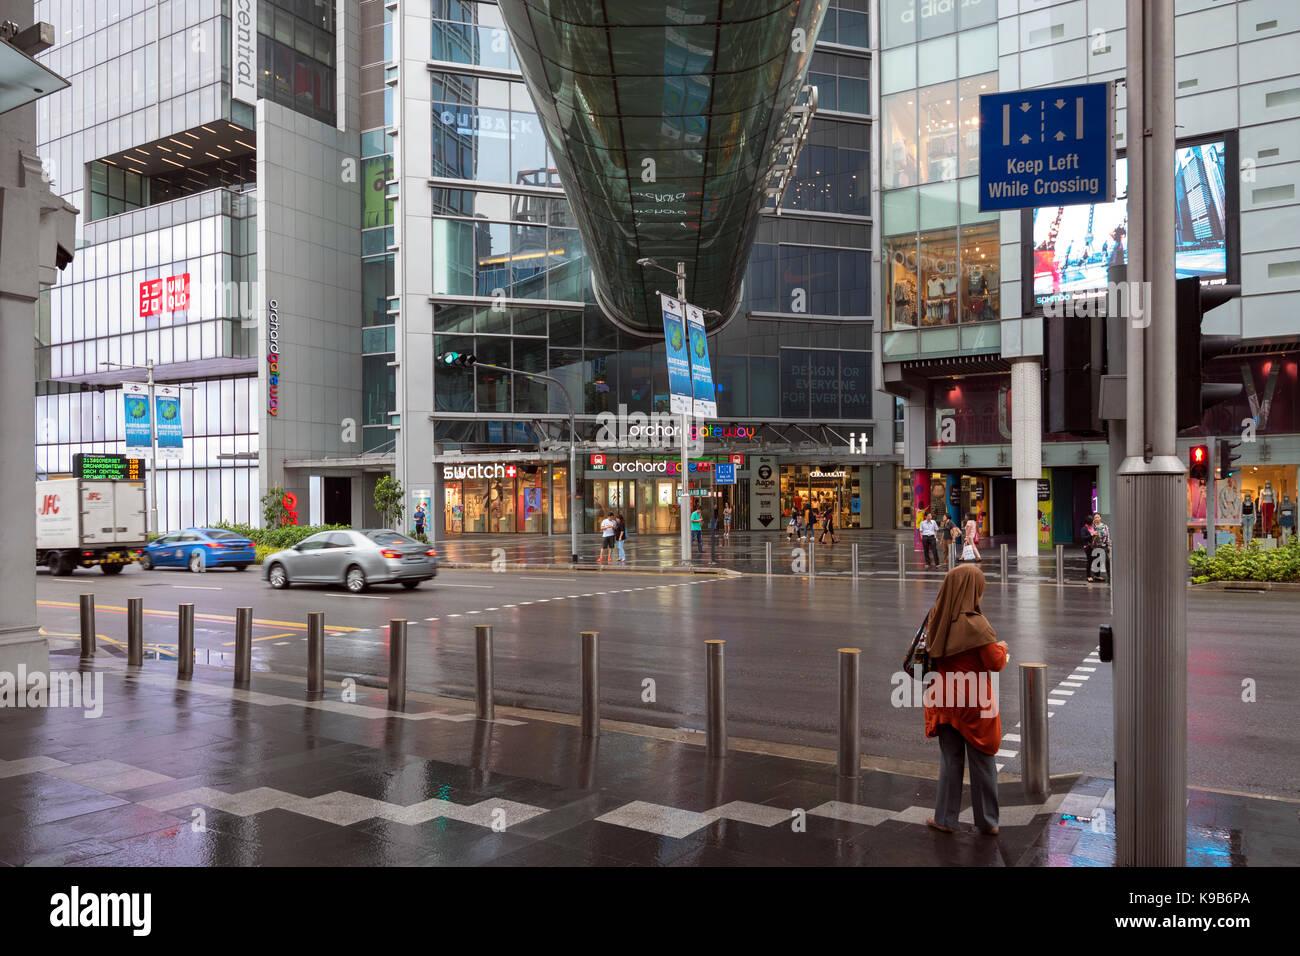 Orchard Road mit Obstgarten - Gateway Shopping Mall und Glas röhrenförmige Brücke zwischen den 2 Stockbild